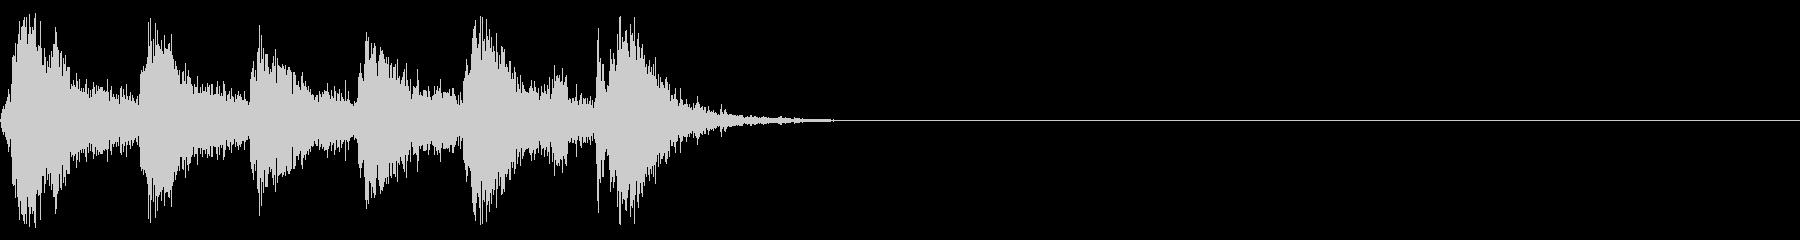 ライフル型エアガン 発砲音(6連射)の未再生の波形